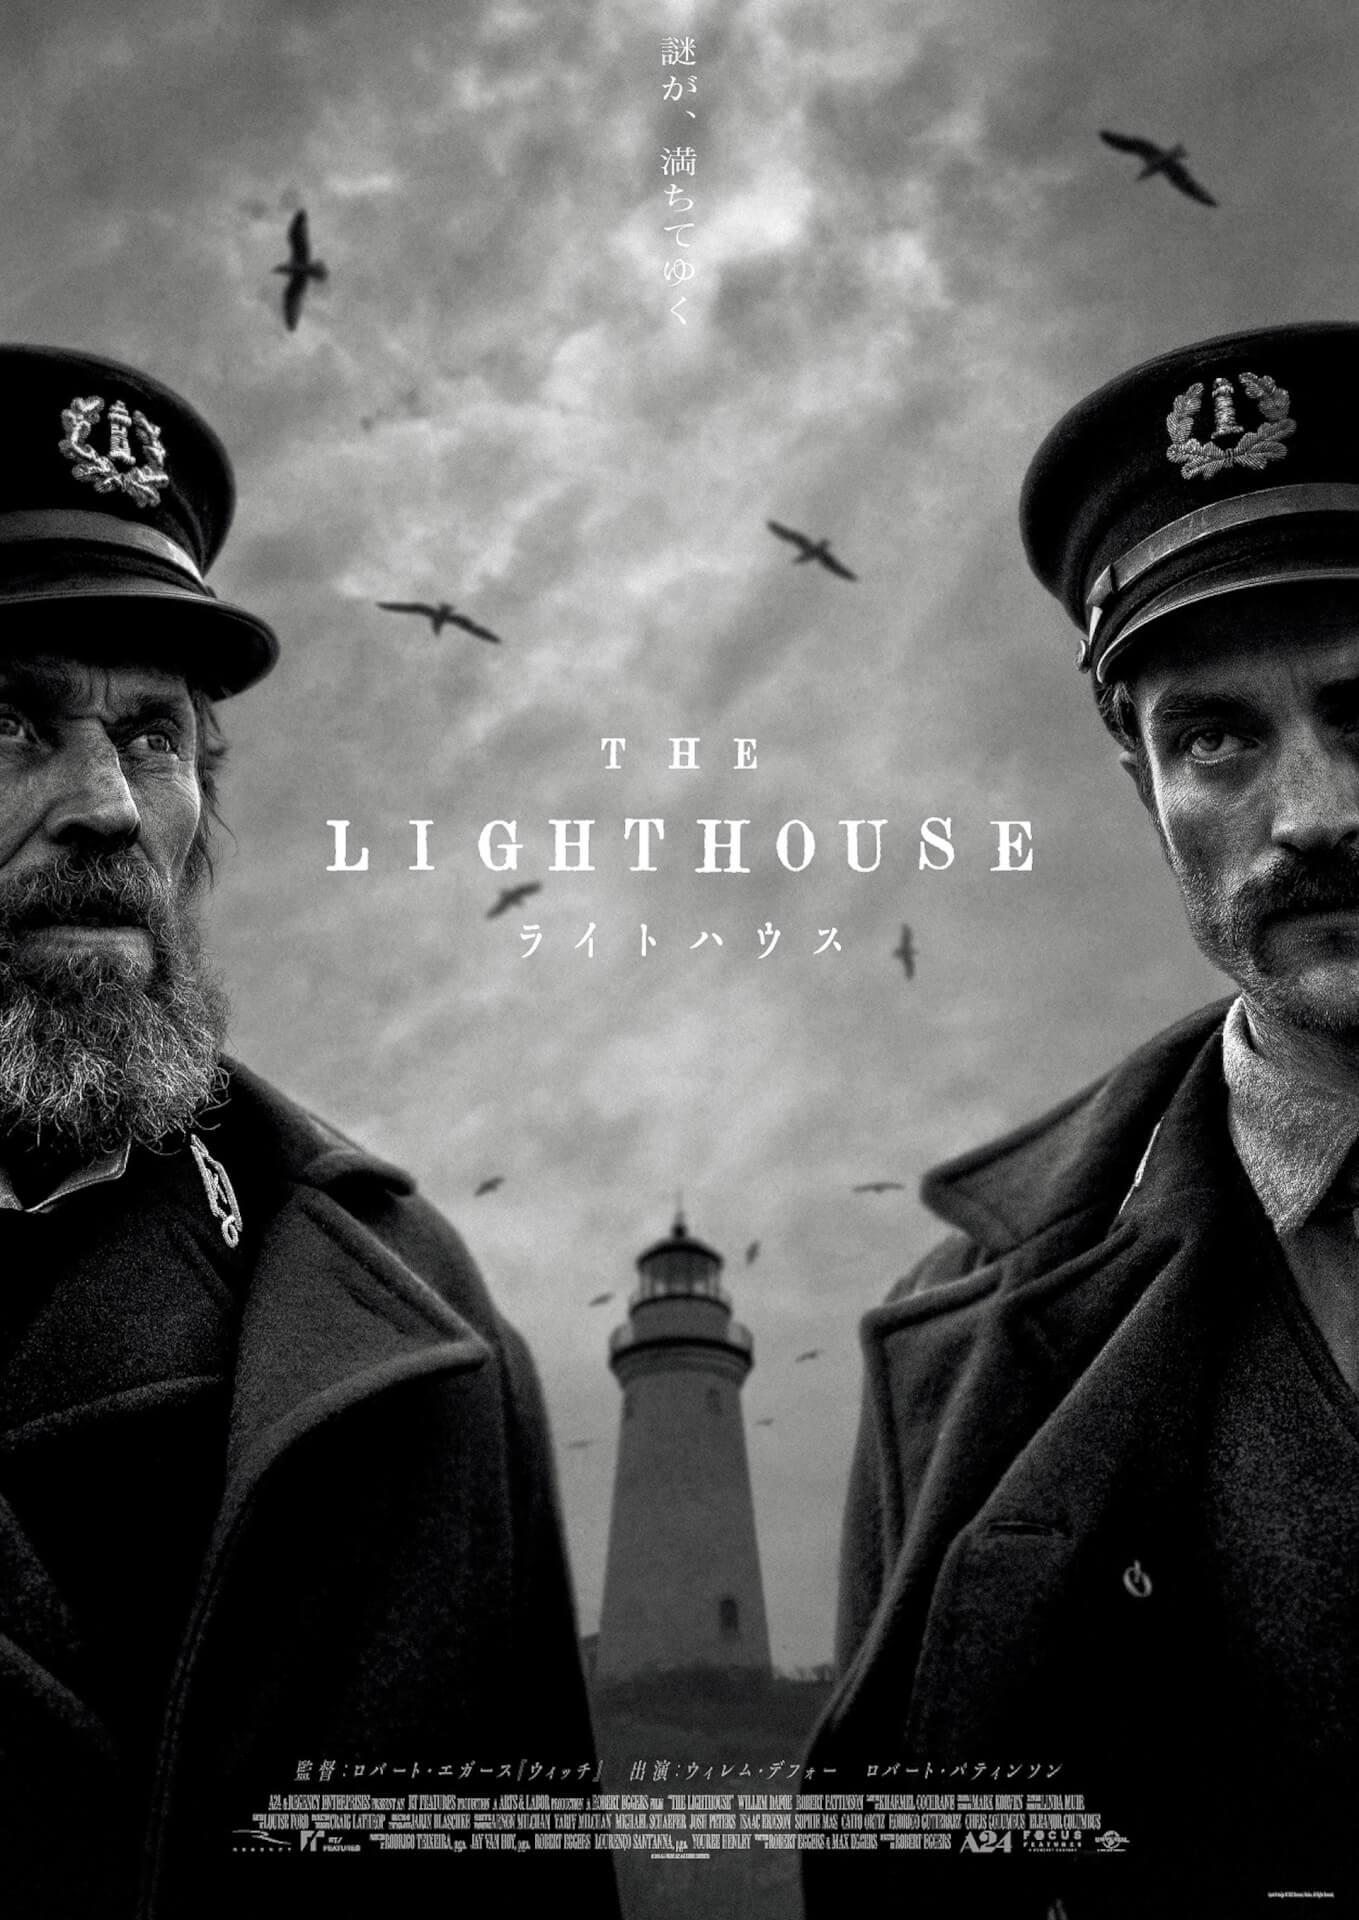 """『ミッドサマー』と『ウィッチ』が再上映決定!<『ライトハウス』公開直前! """"光と影""""のスリラー映画特集上映>実施 film210610_lighthouse_3"""